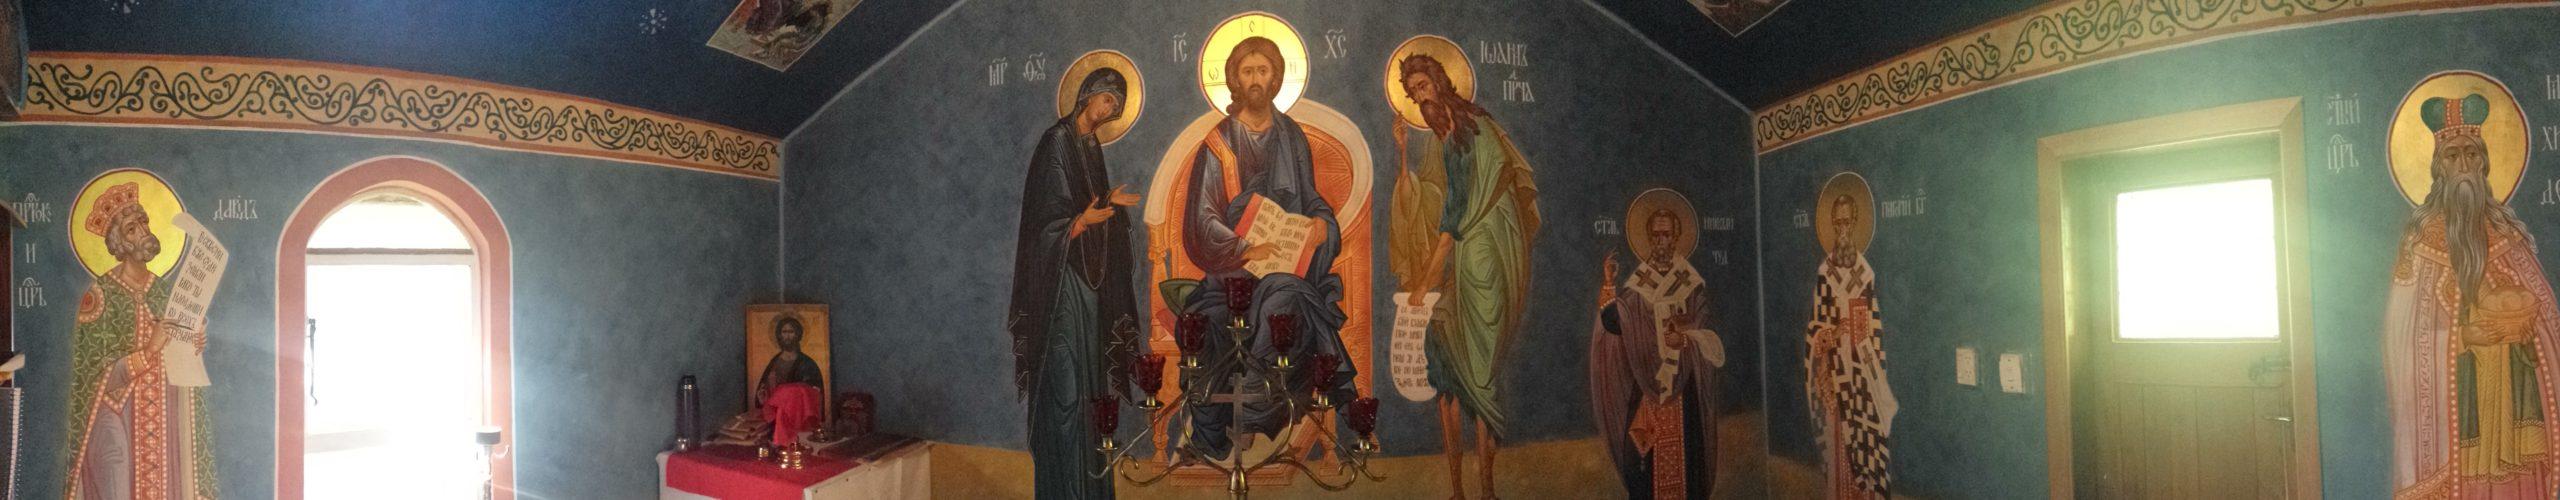 Parish of St. Nicholas – Приход Святителя Николая